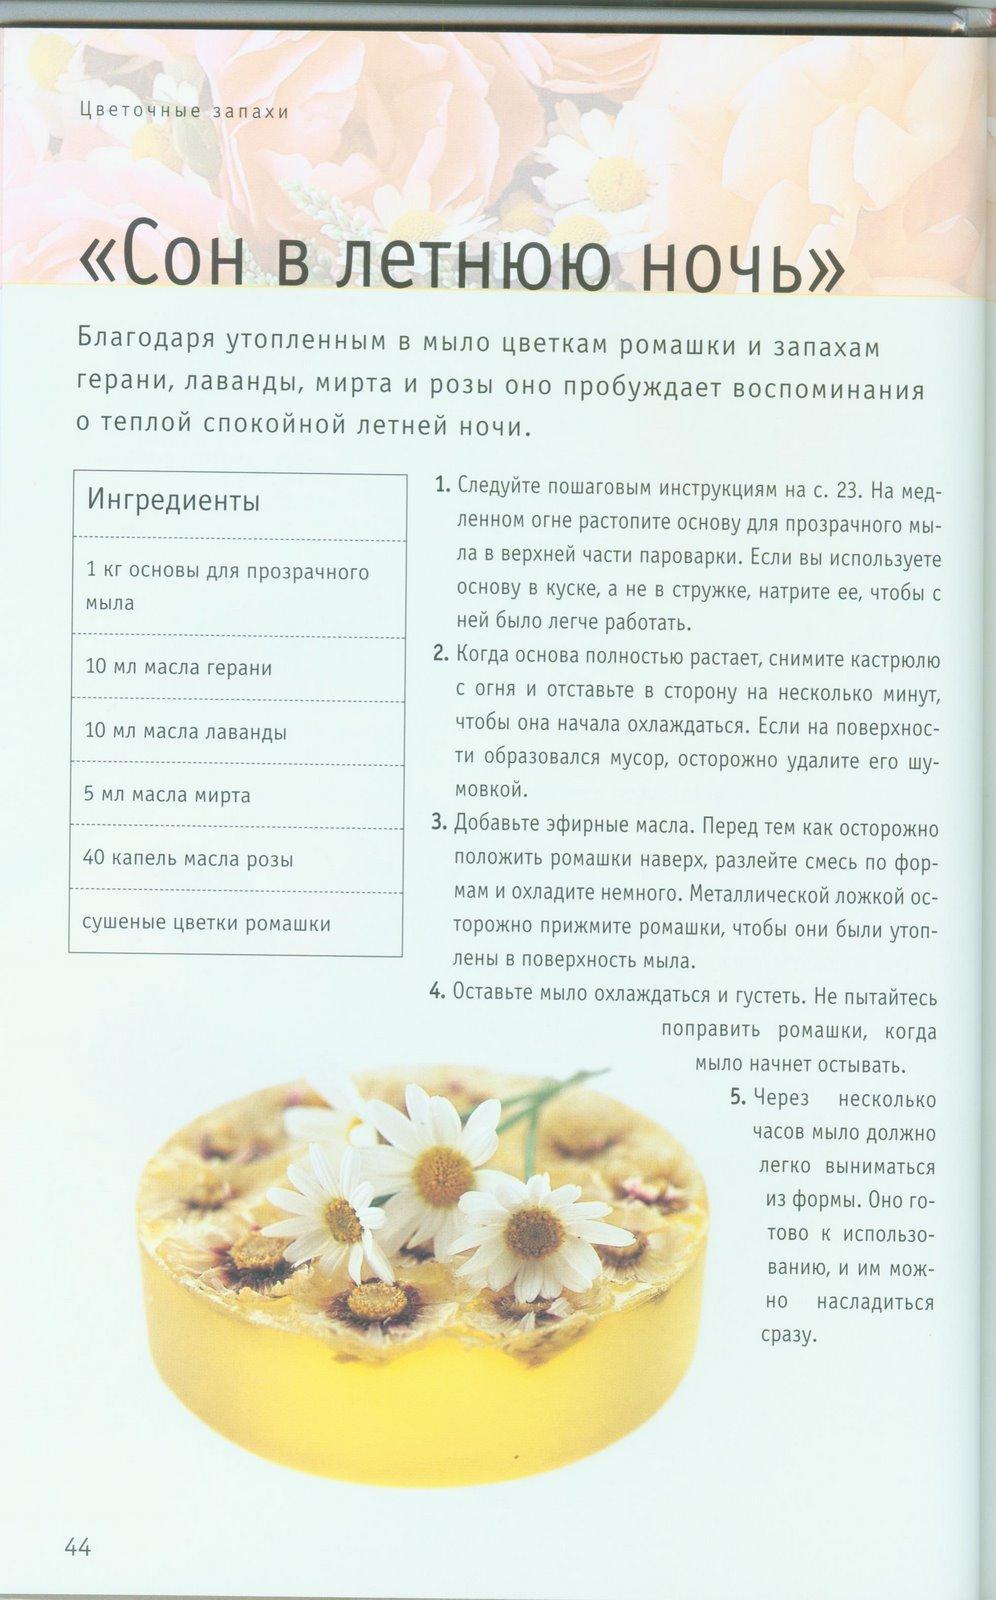 Рецепты для домашнего мыла как сделать 82